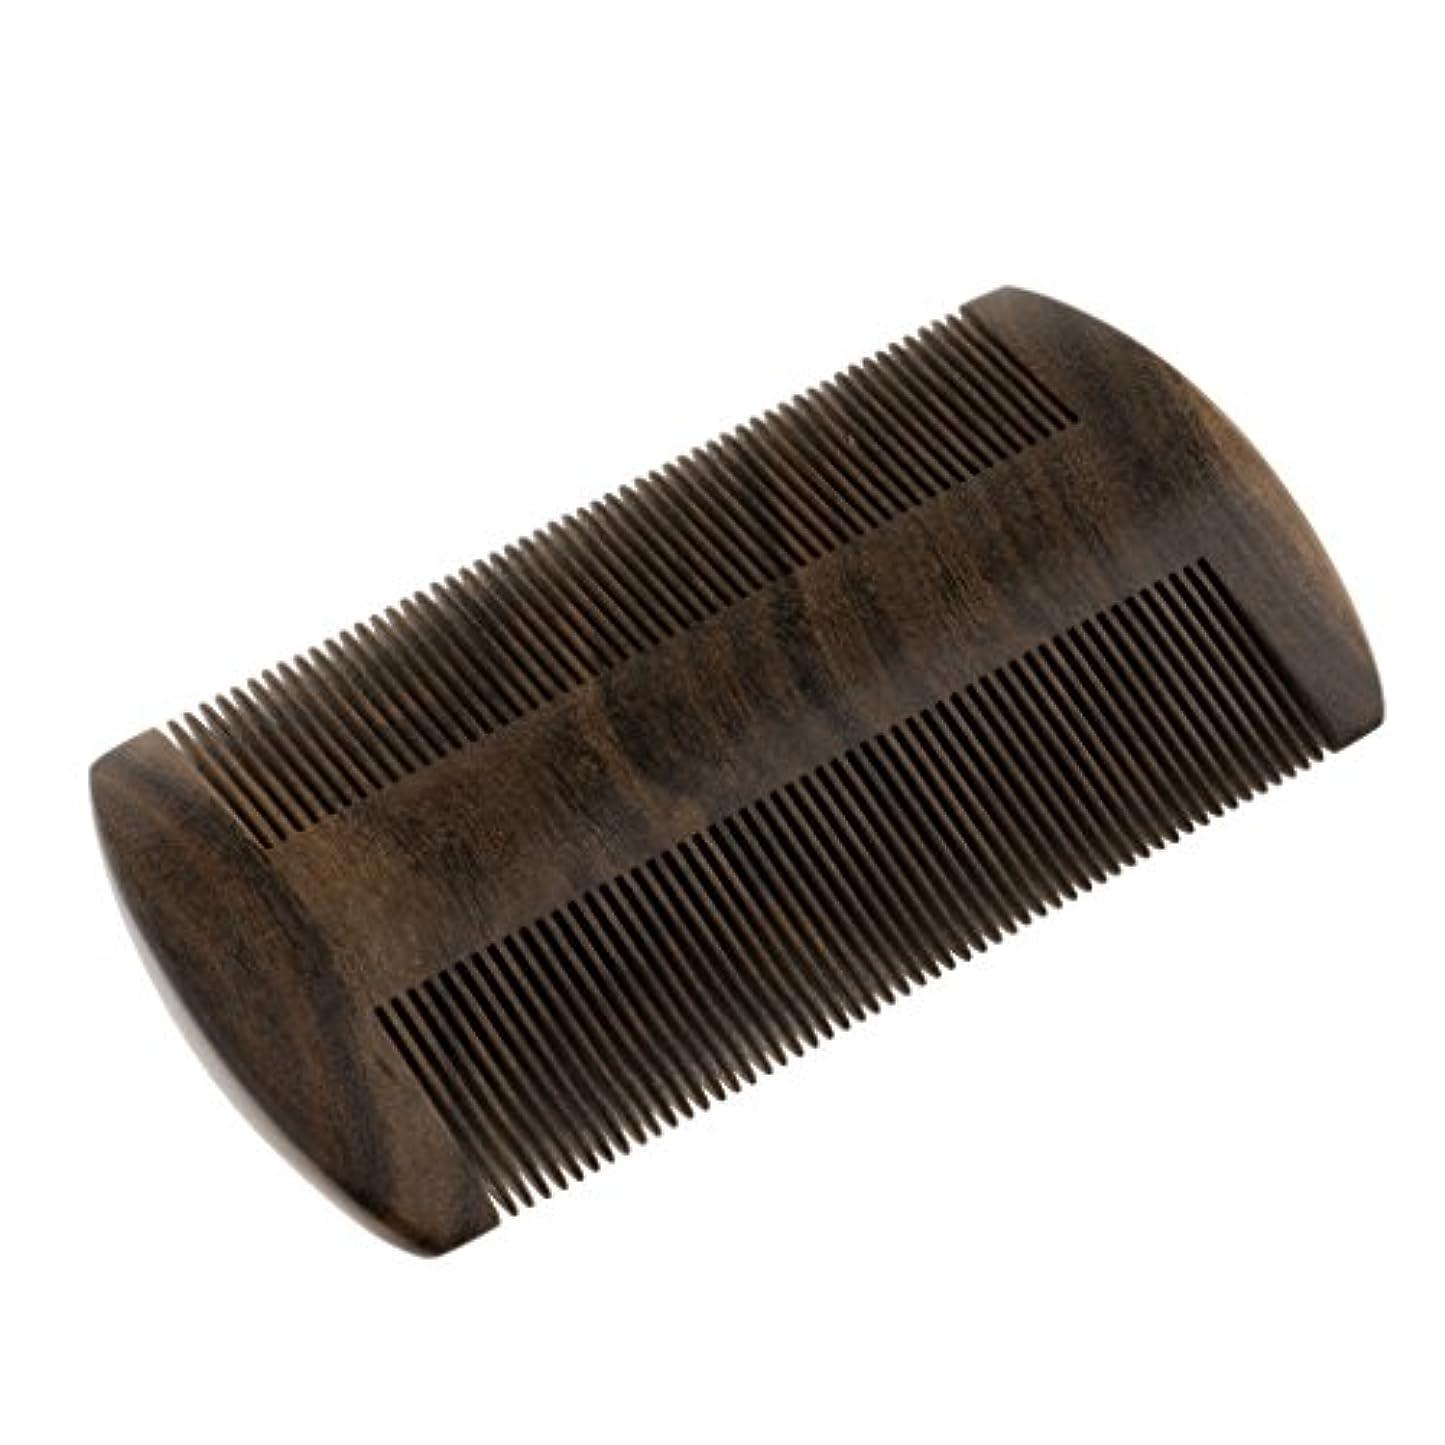 充実中国用心CUTICATE ヘアブラシ 静電気防止髭剃り櫛 ウッドコーム ミシュコーム 静電気防止